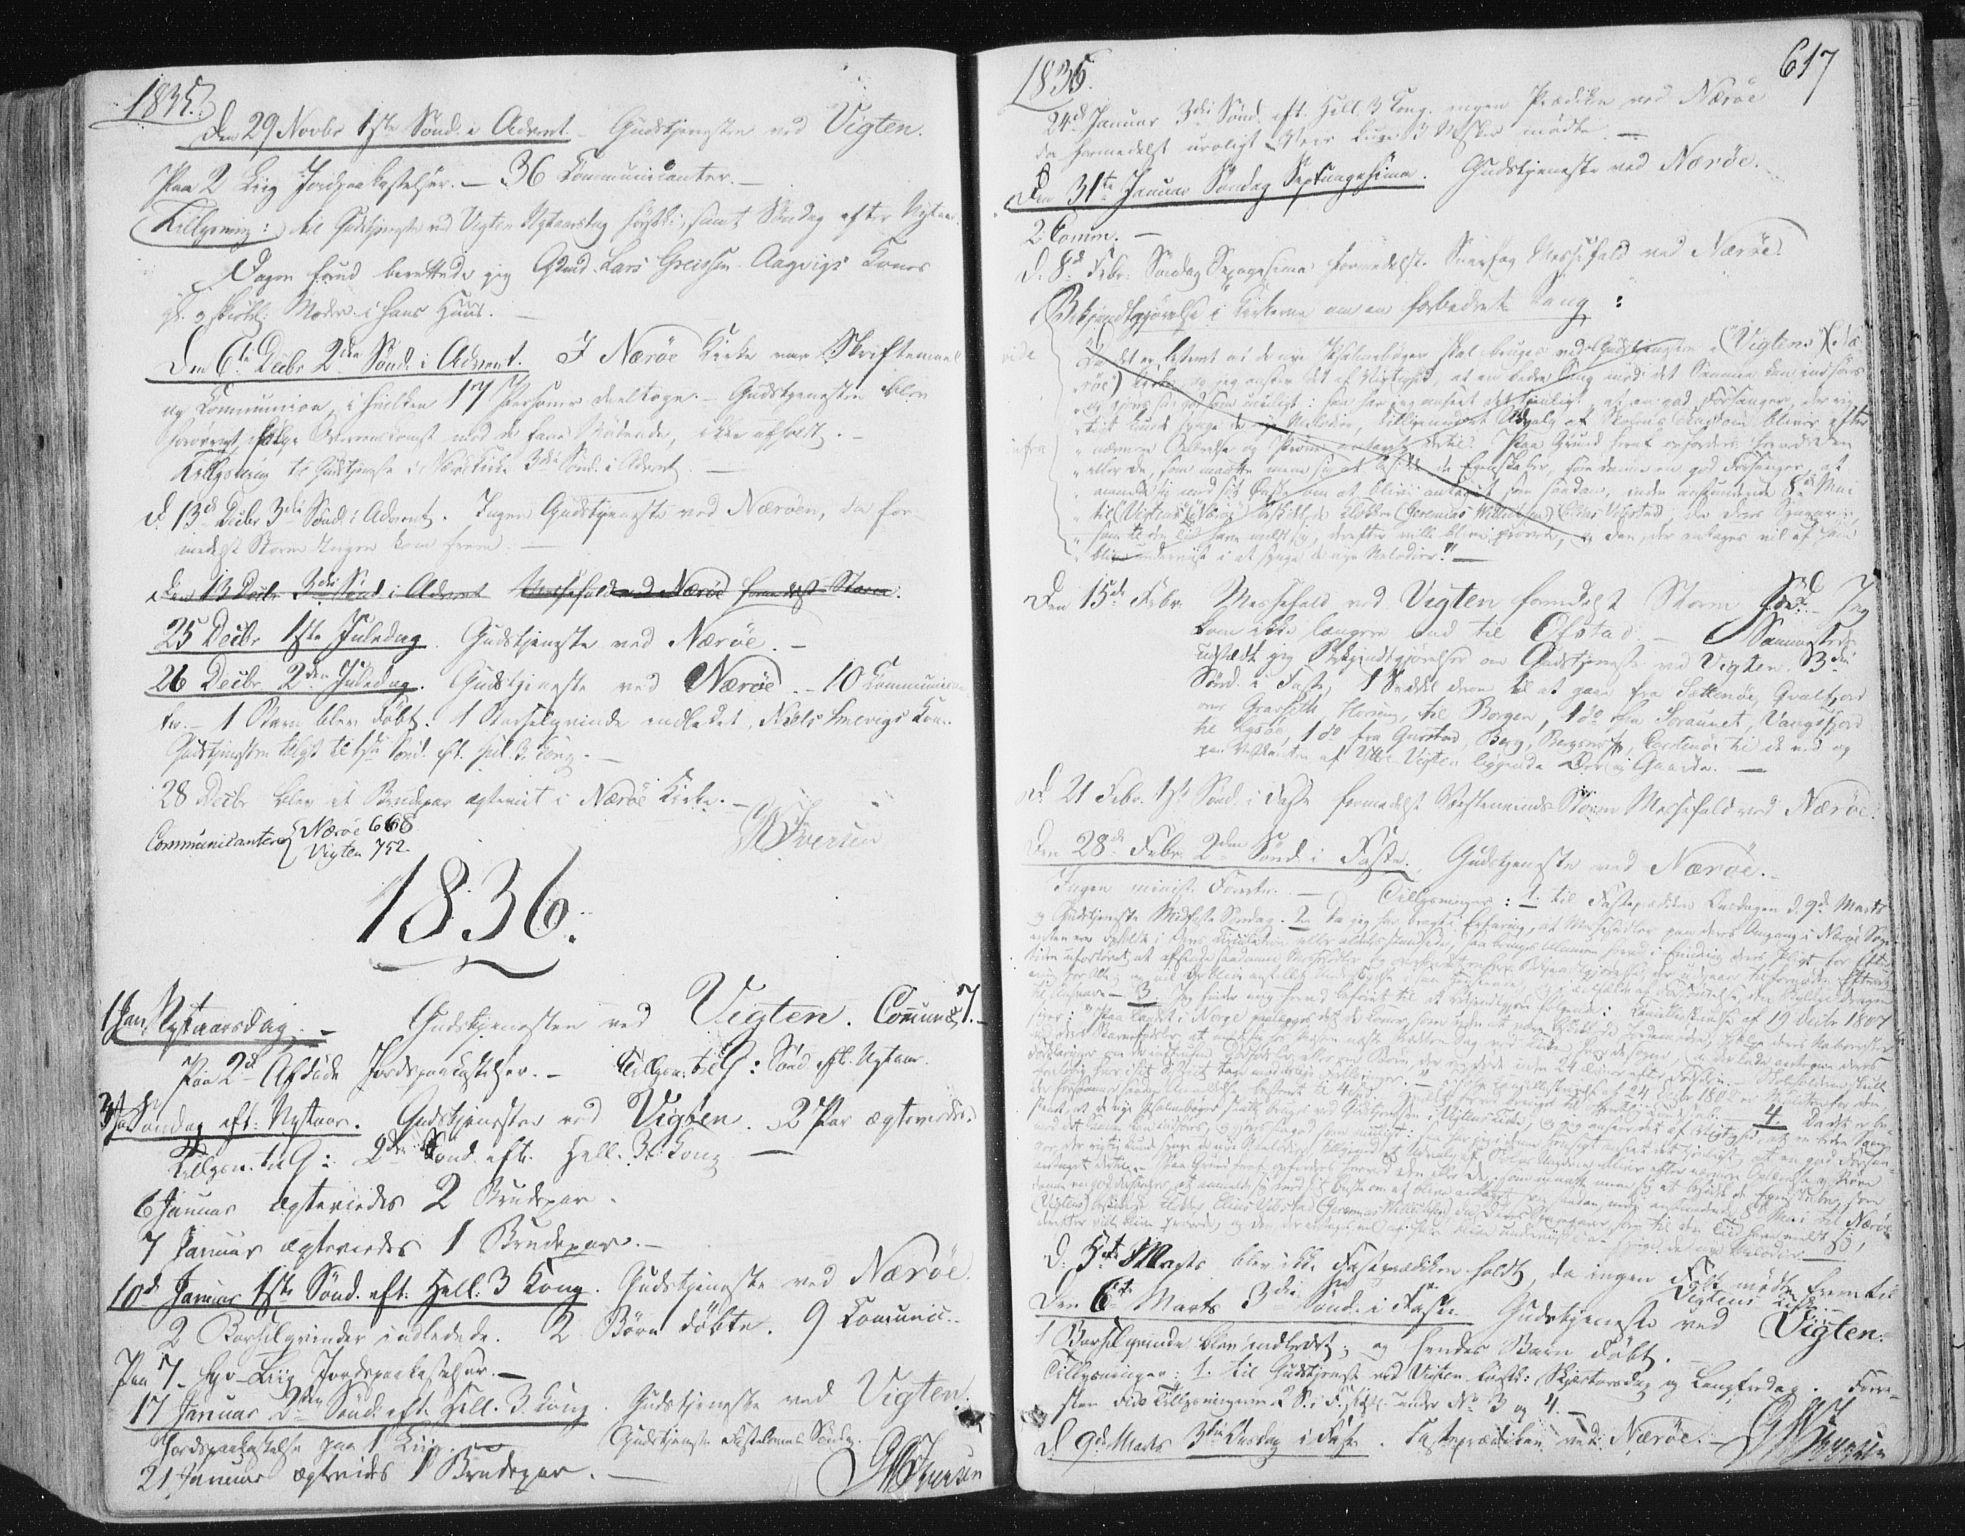 SAT, Ministerialprotokoller, klokkerbøker og fødselsregistre - Nord-Trøndelag, 784/L0669: Ministerialbok nr. 784A04, 1829-1859, s. 617